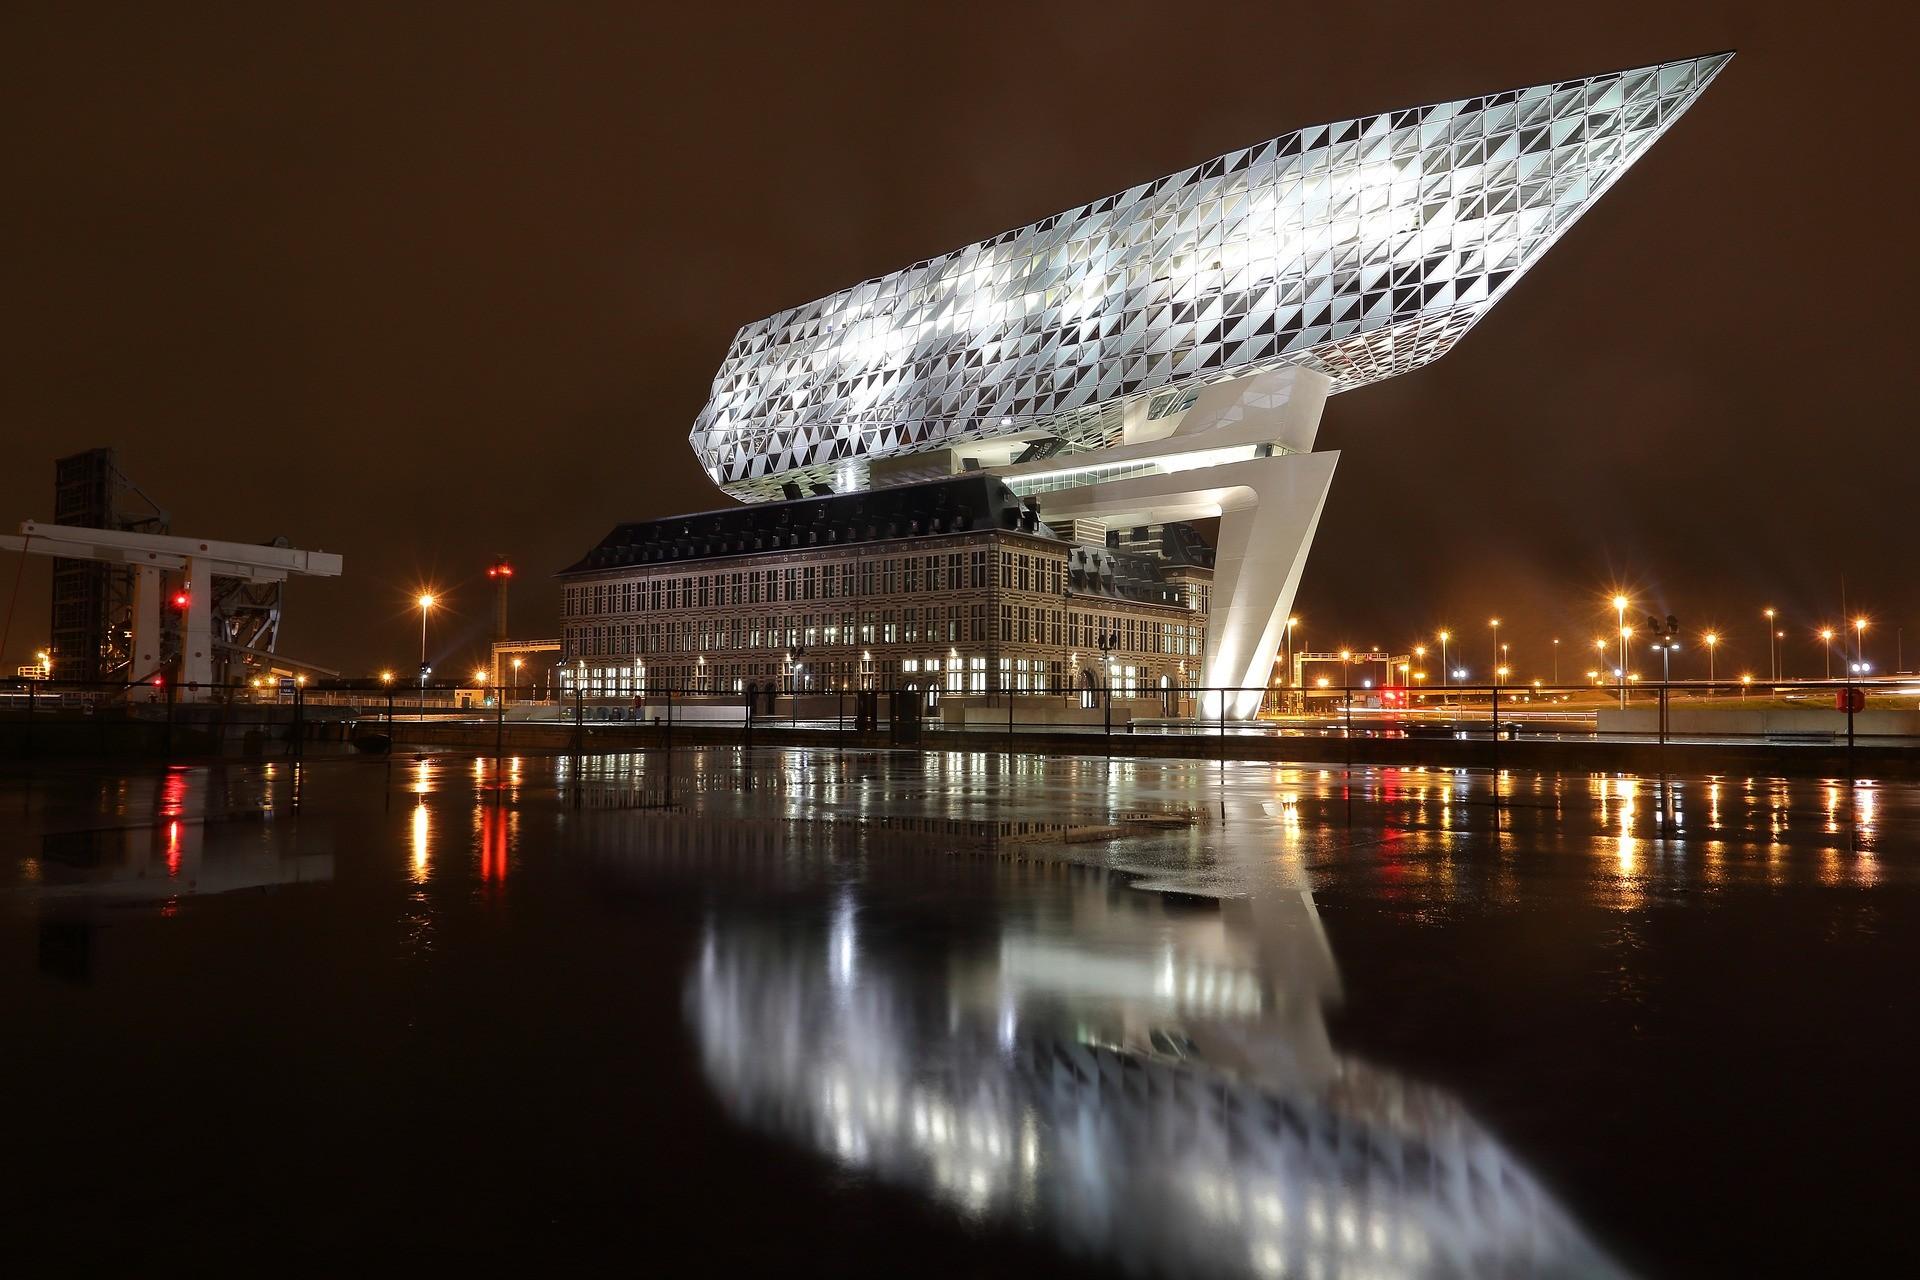 Porto di Anversa - Foto di olafpictures